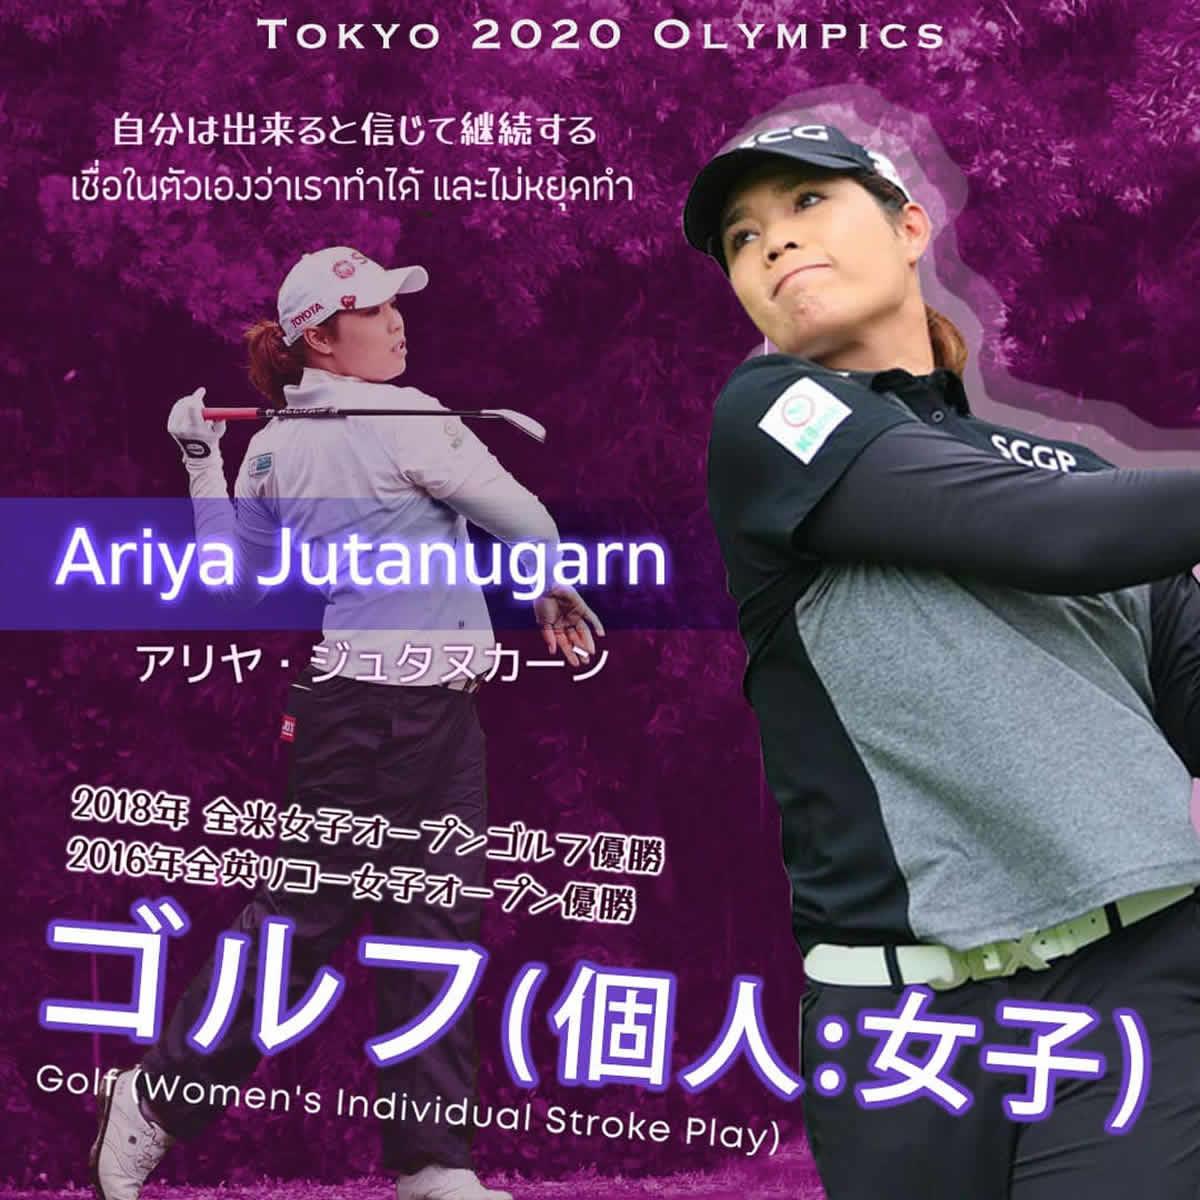 アリヤ・ジュタヌカーン(メイ)選手[女子ゴルフ タイ代表]東京2020オリンピック